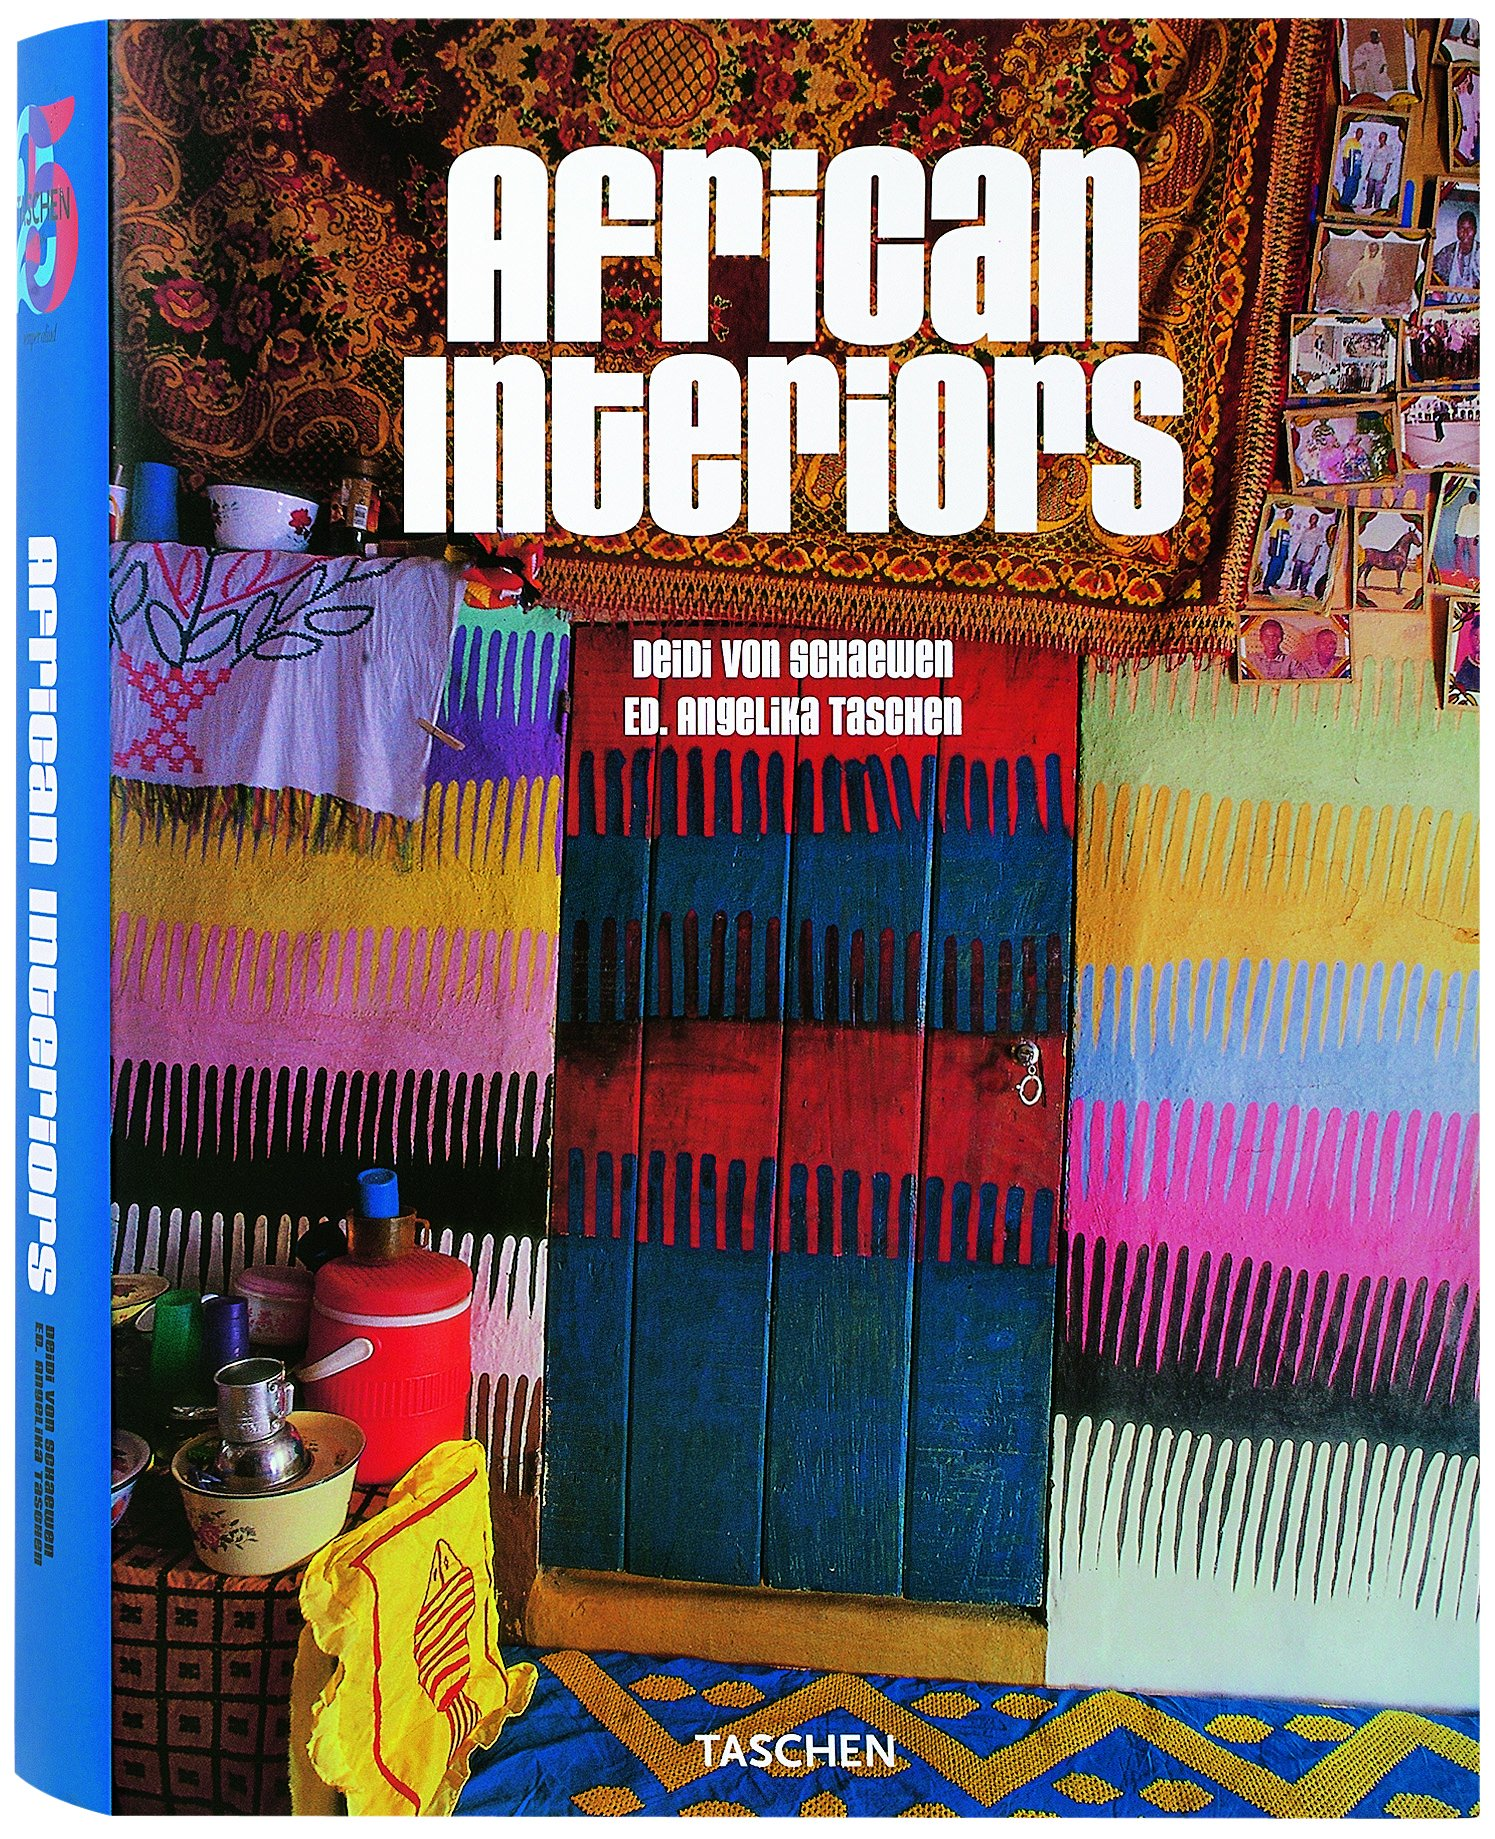 African Interiors: 25 Jahre TASCHEN (25th Anniversary Special Edtn)